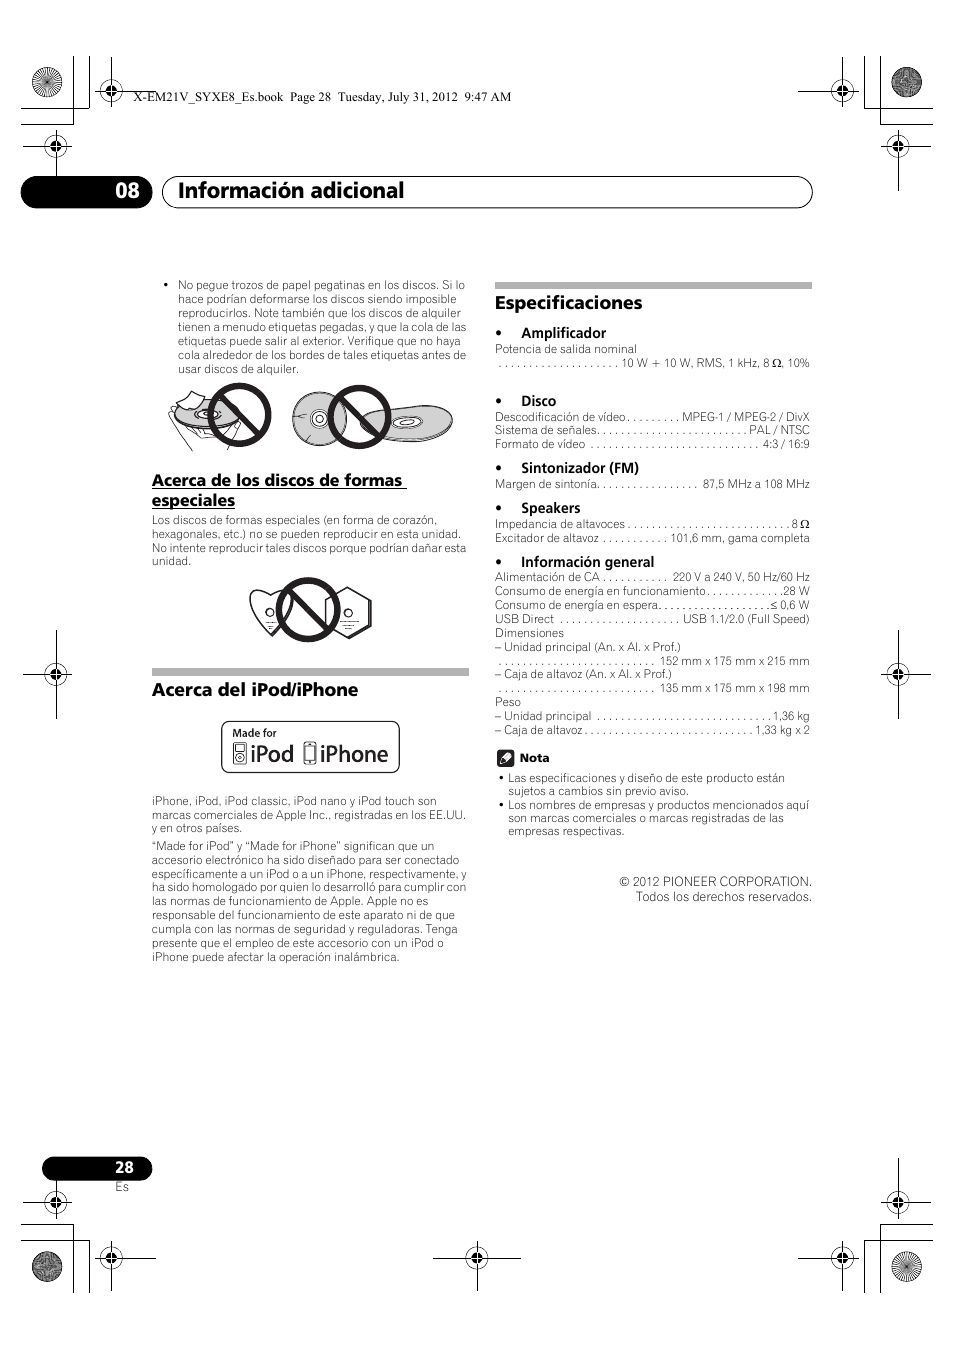 Acerca de los discos de formas especiales, Acerca del ipod/iphone ...